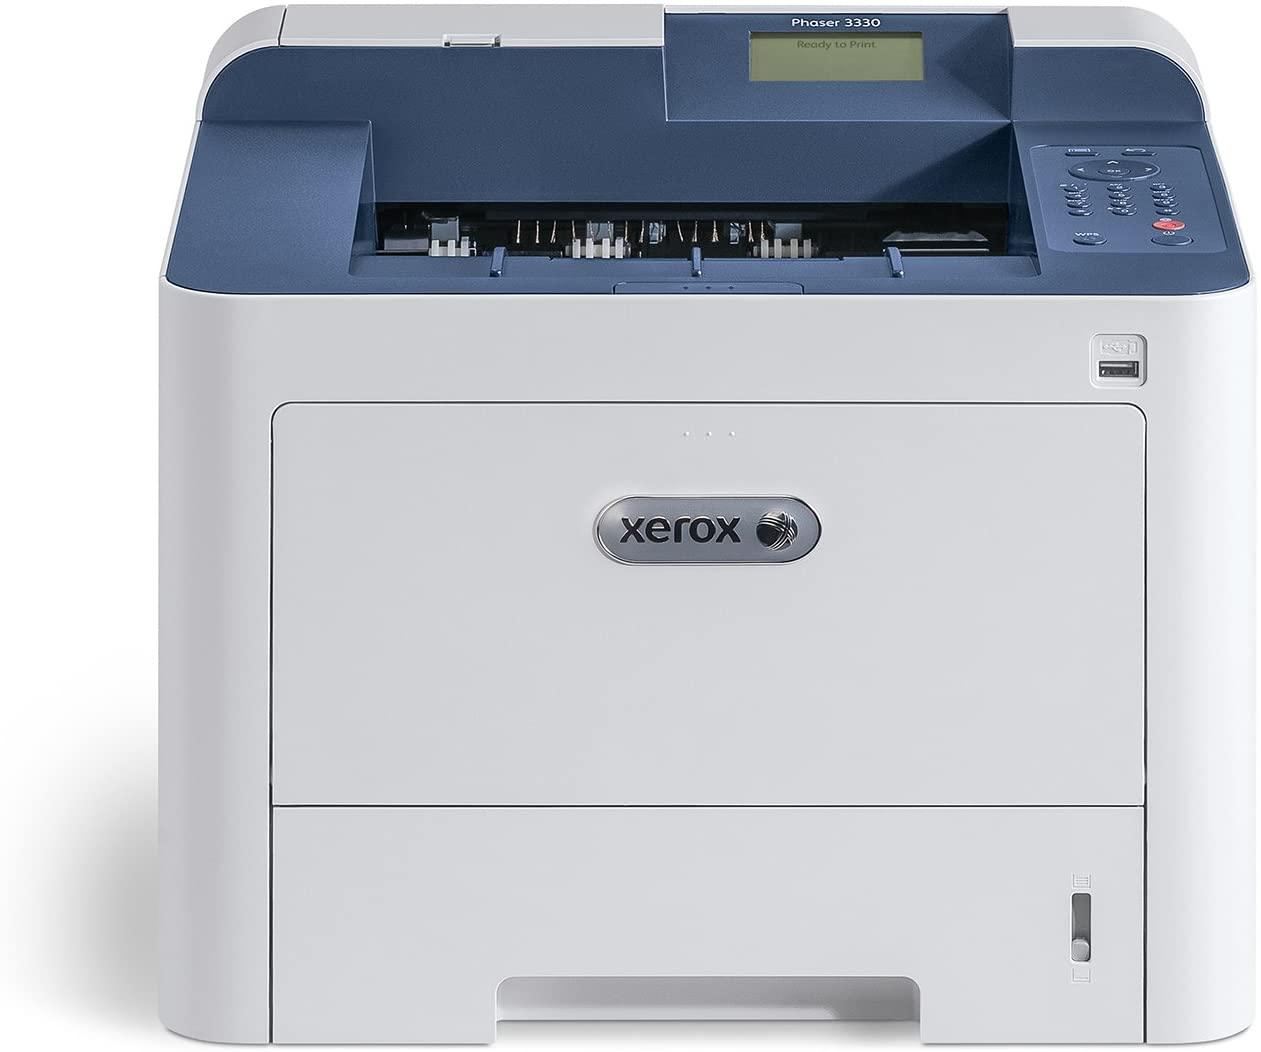 Xerox Phaser 3330 Drucker   WLAN Drucker Test 2021